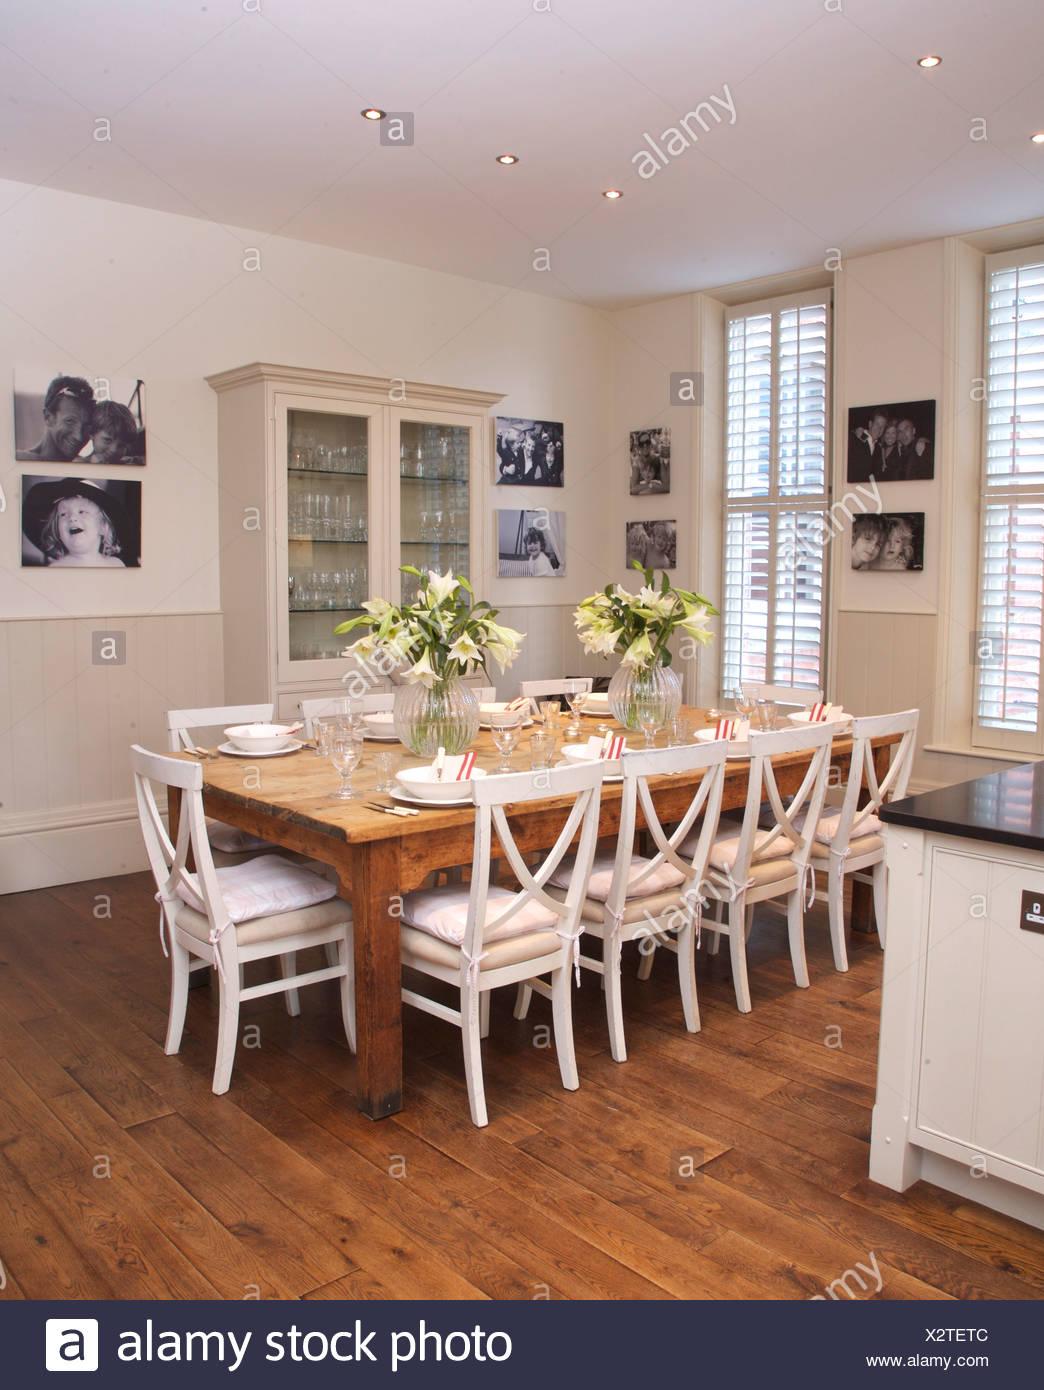 Weiße Stühle Bei Einfachen Holztisch In Moderne Weiße Küche Esszimmer Mit  Parkettboden Und Gerahmten Schwarz + Weiß Fotografien